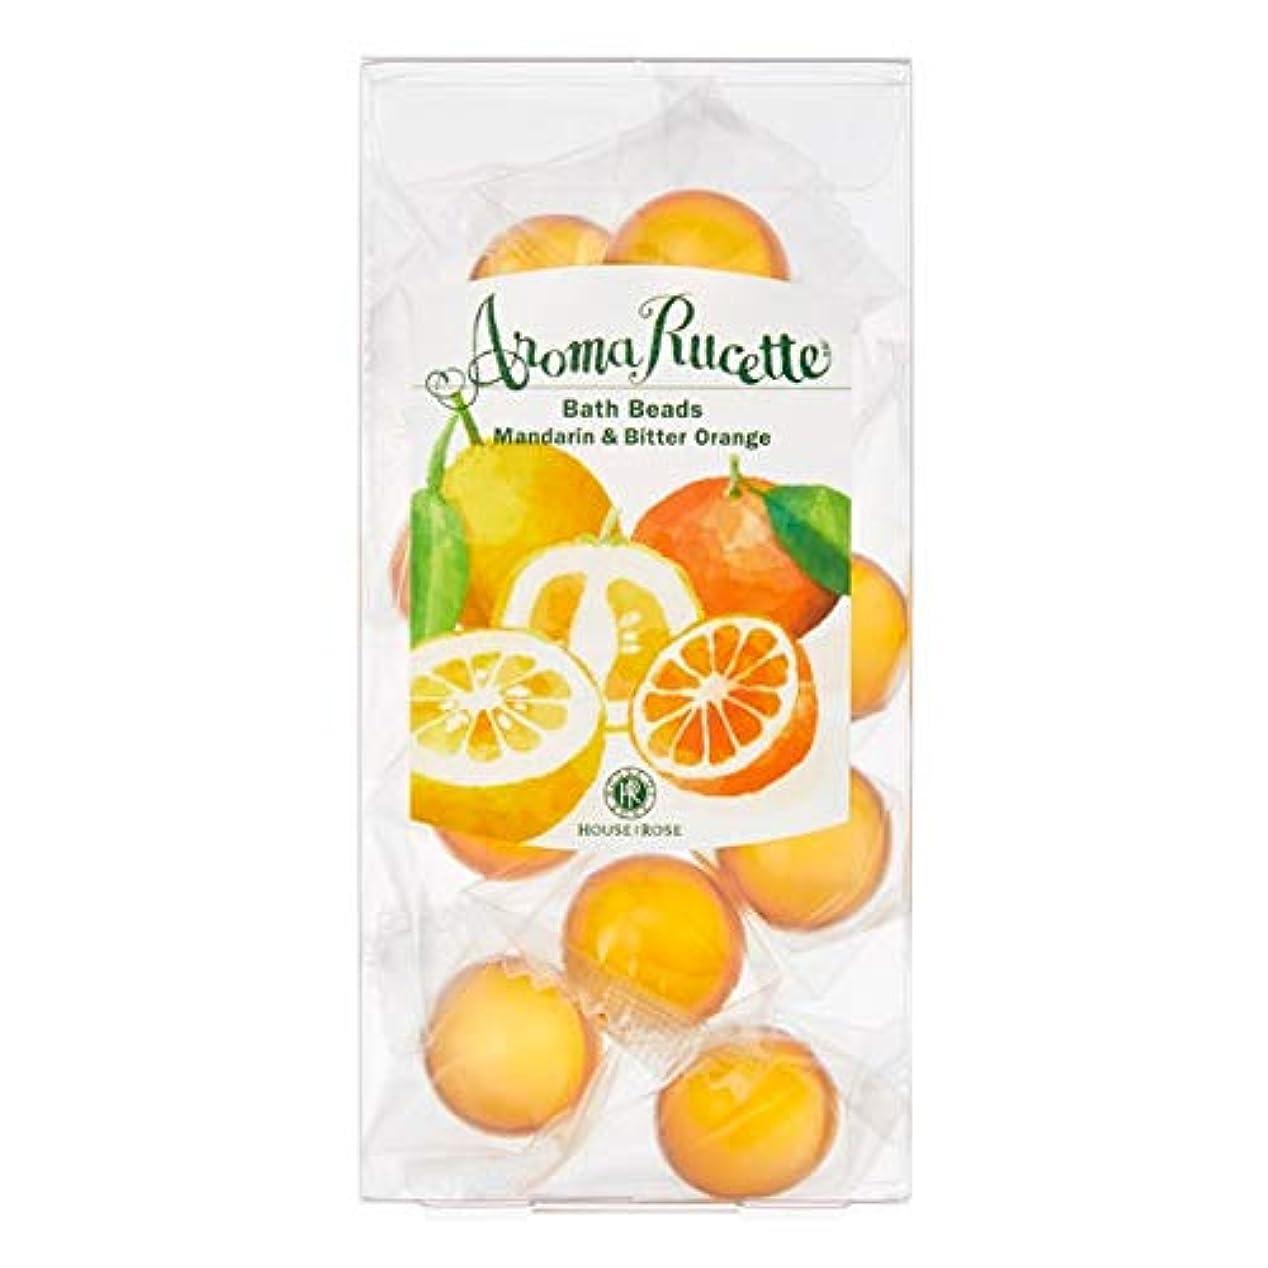 偽善者朝食を食べる吸うHOUSE OF ROSE(ハウスオブローゼ) ハウスオブローゼ/アロマルセット バスビーズ MD&BO(マンダリン&ビターオレンジの香り) 7g×11個